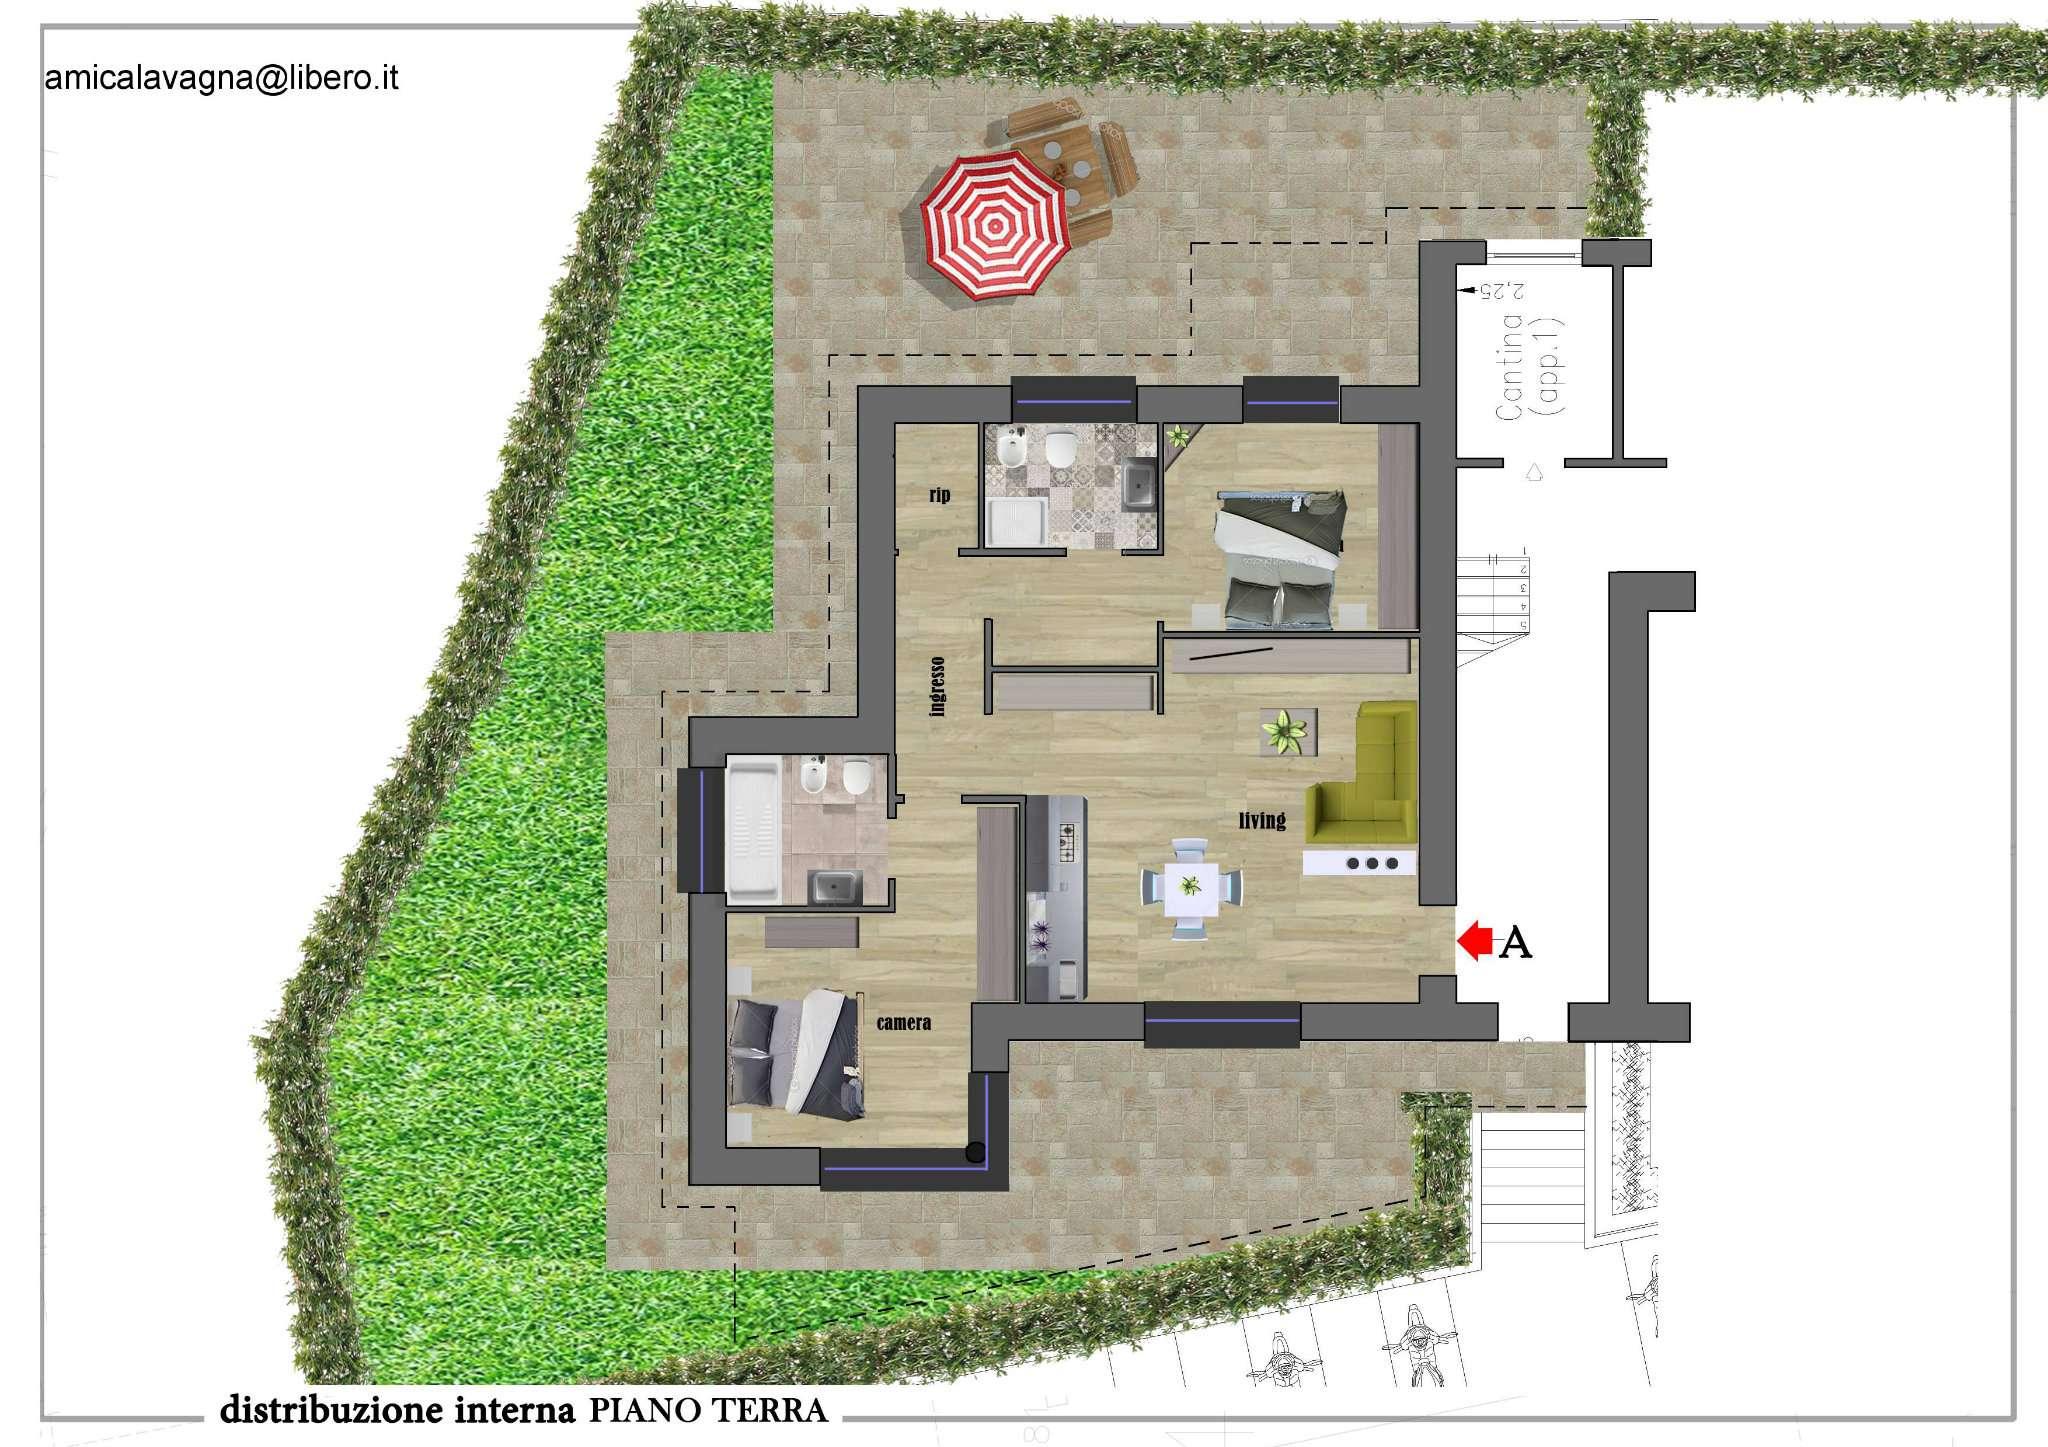 Appartamento in vendita a Casarza Ligure, 5 locali, Trattative riservate | CambioCasa.it